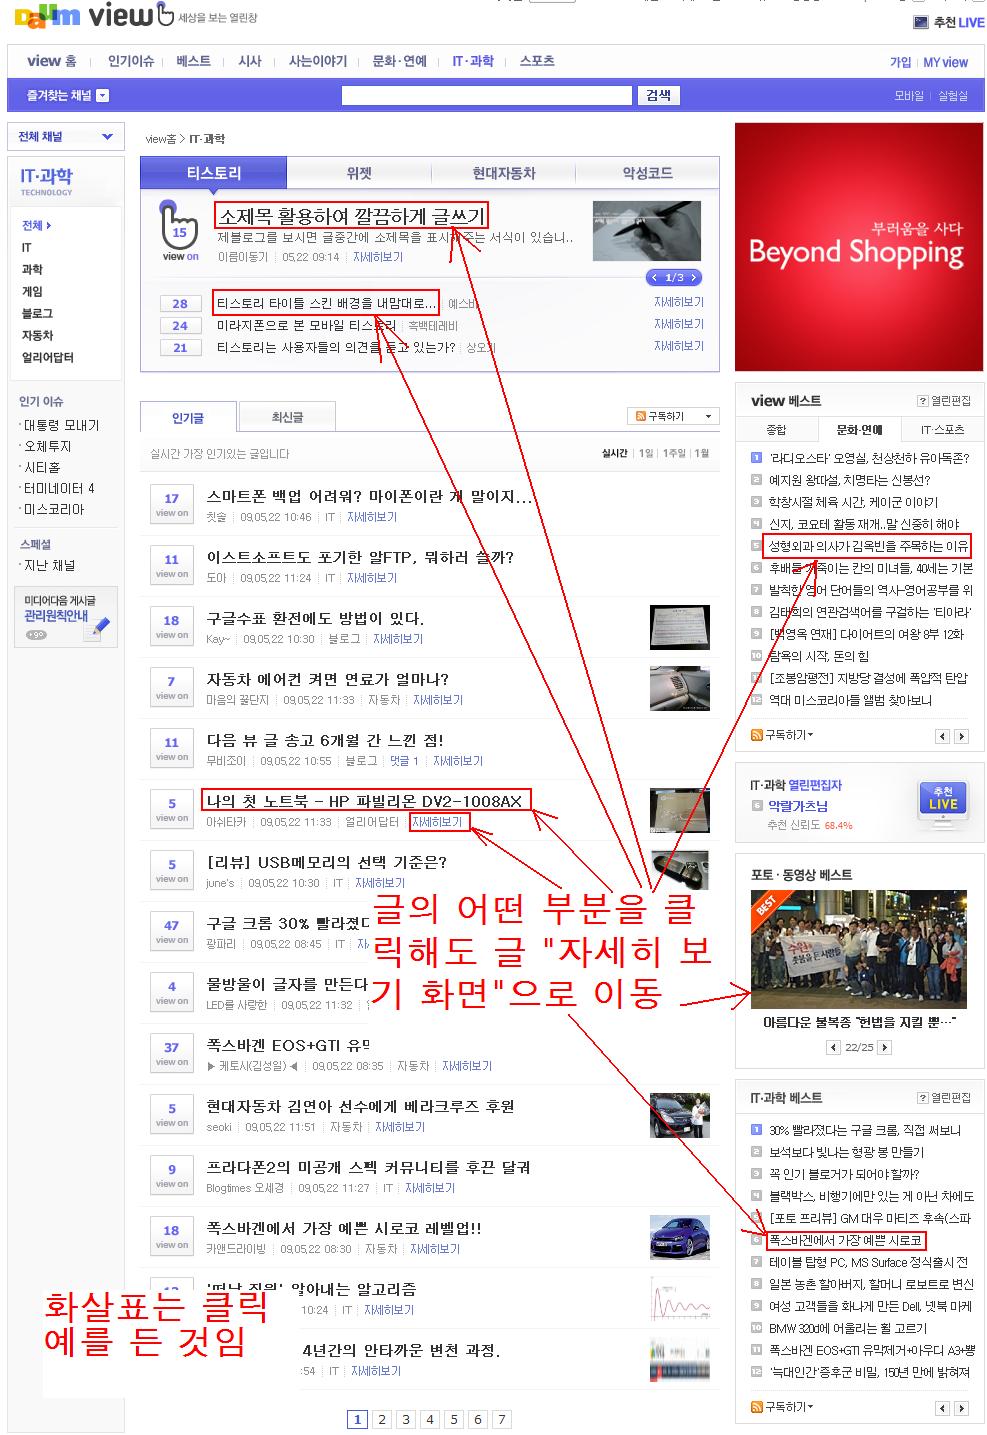 블로거 뉴스의 변화